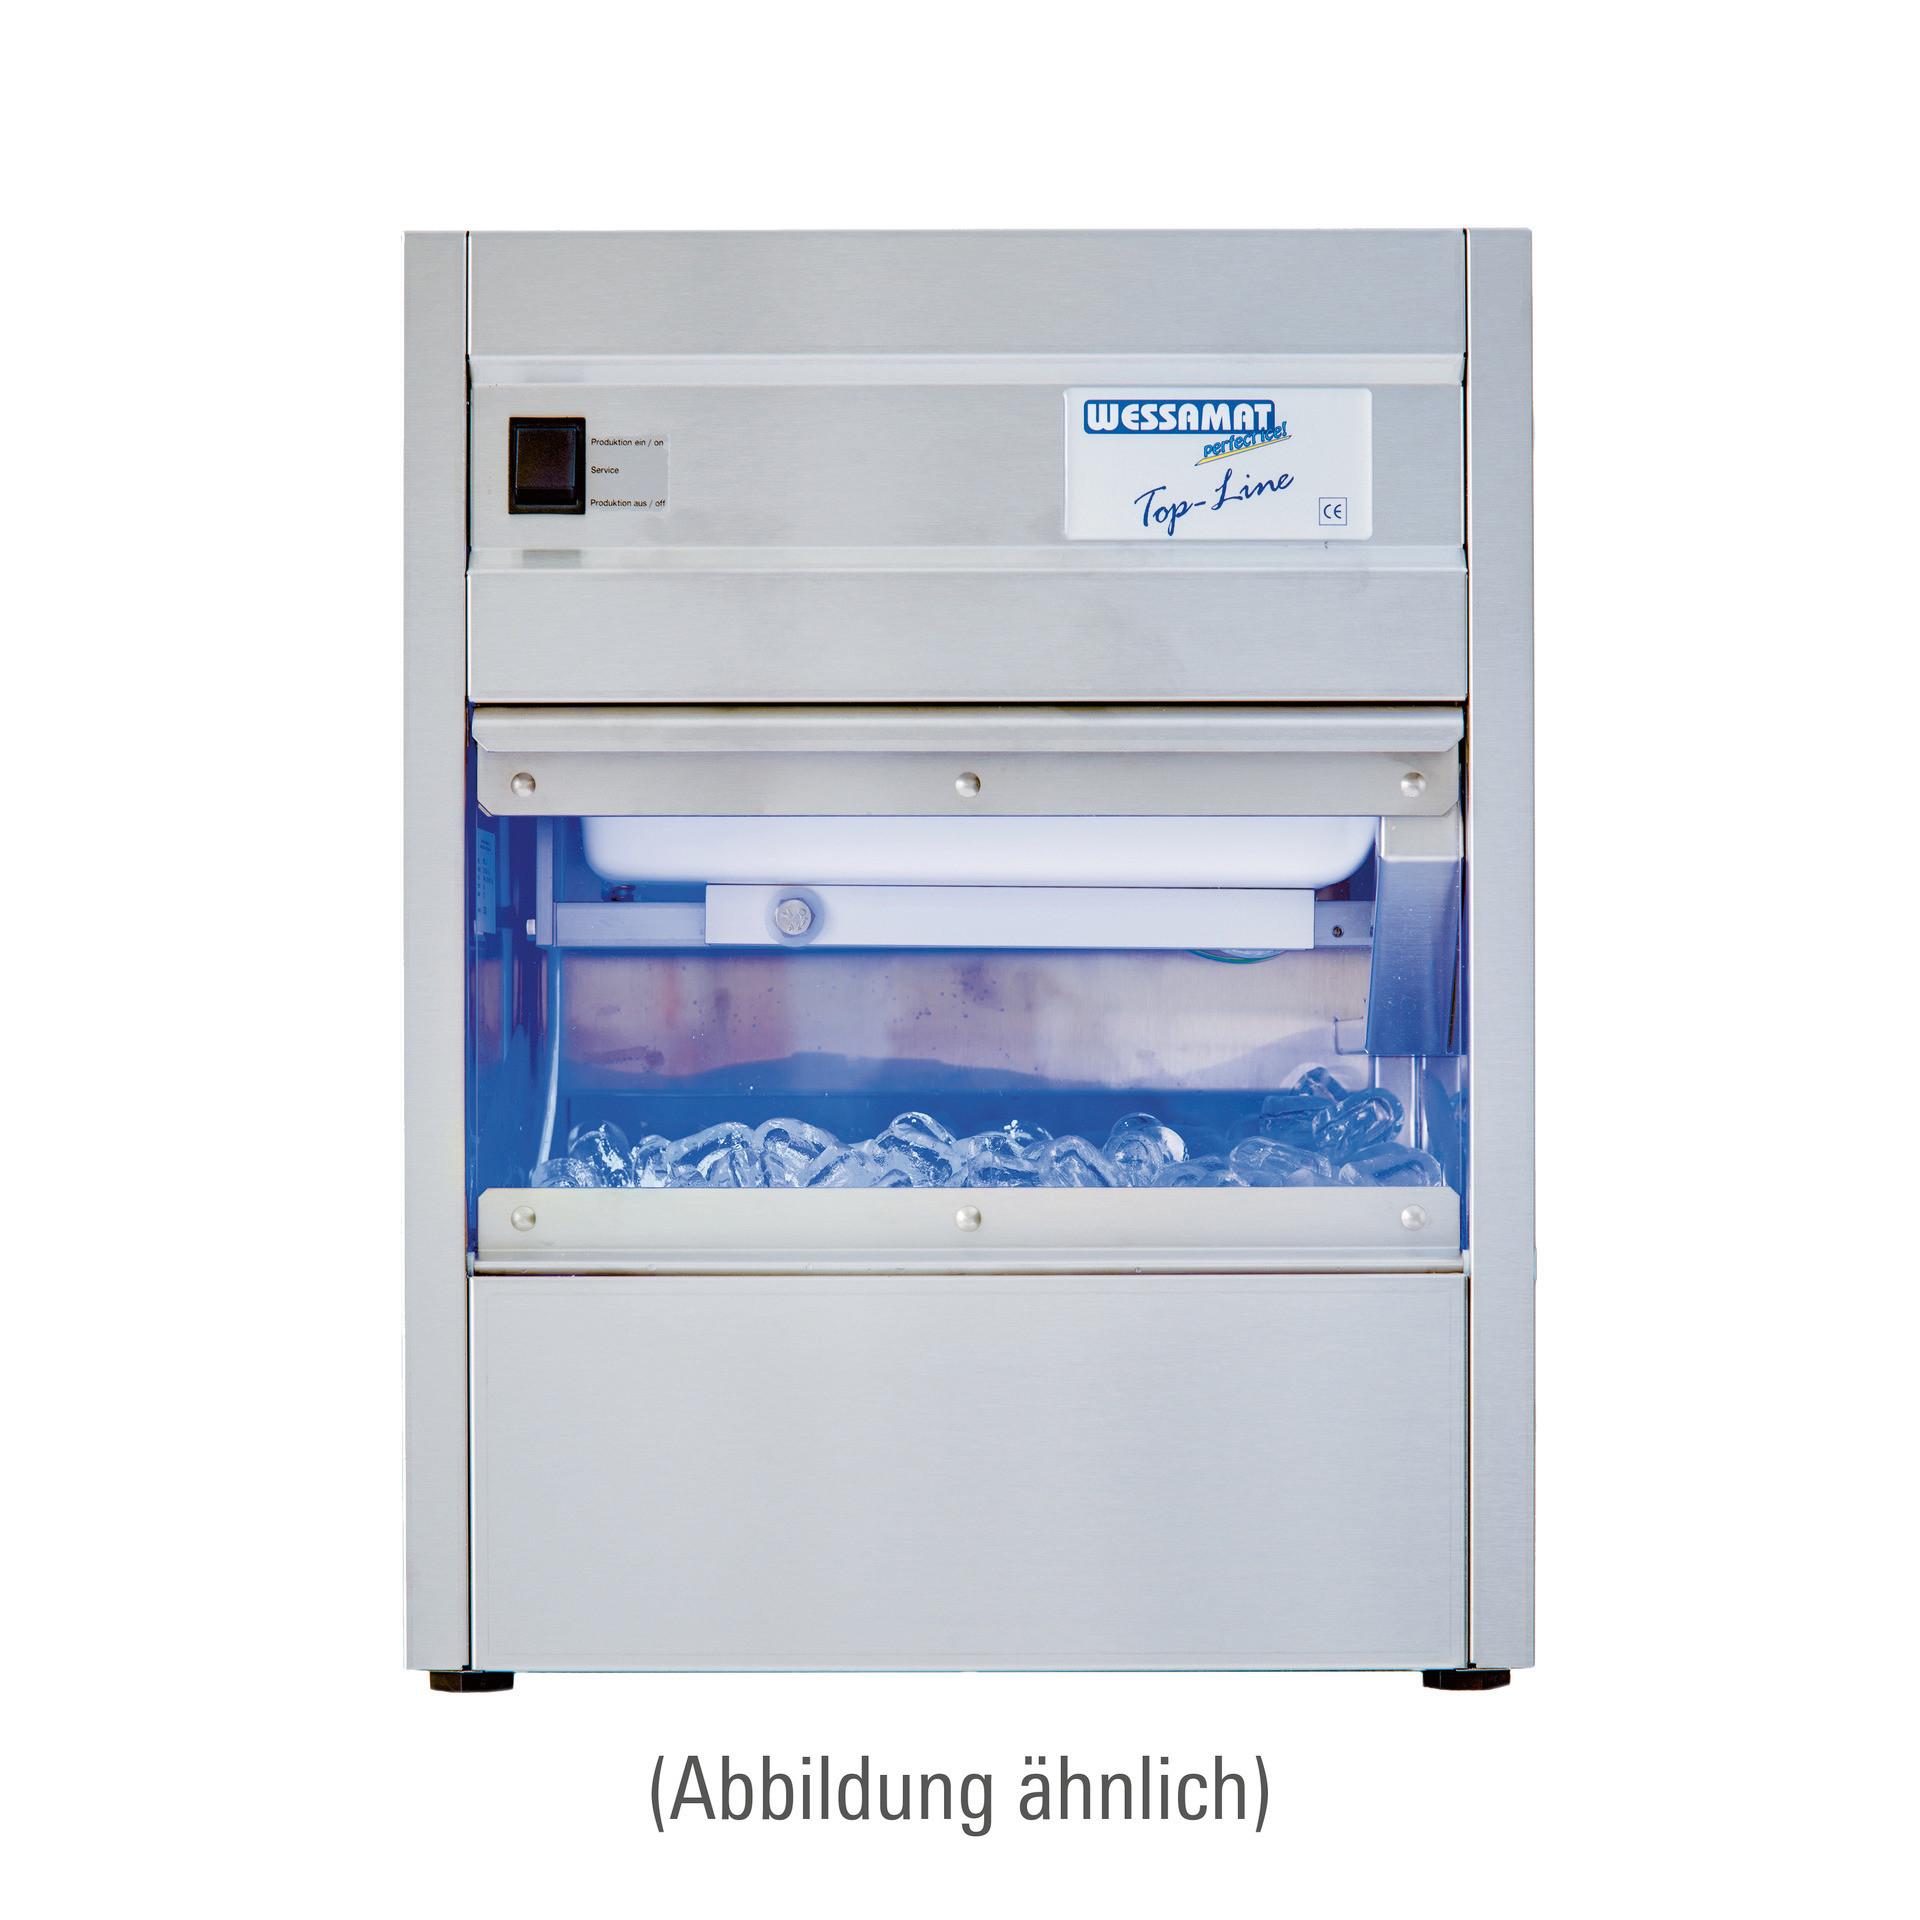 Eiswürfelbereiter W 51 W / 55,00 kg/24 h / 29,00 kg Vorrat / Wasserkühlung